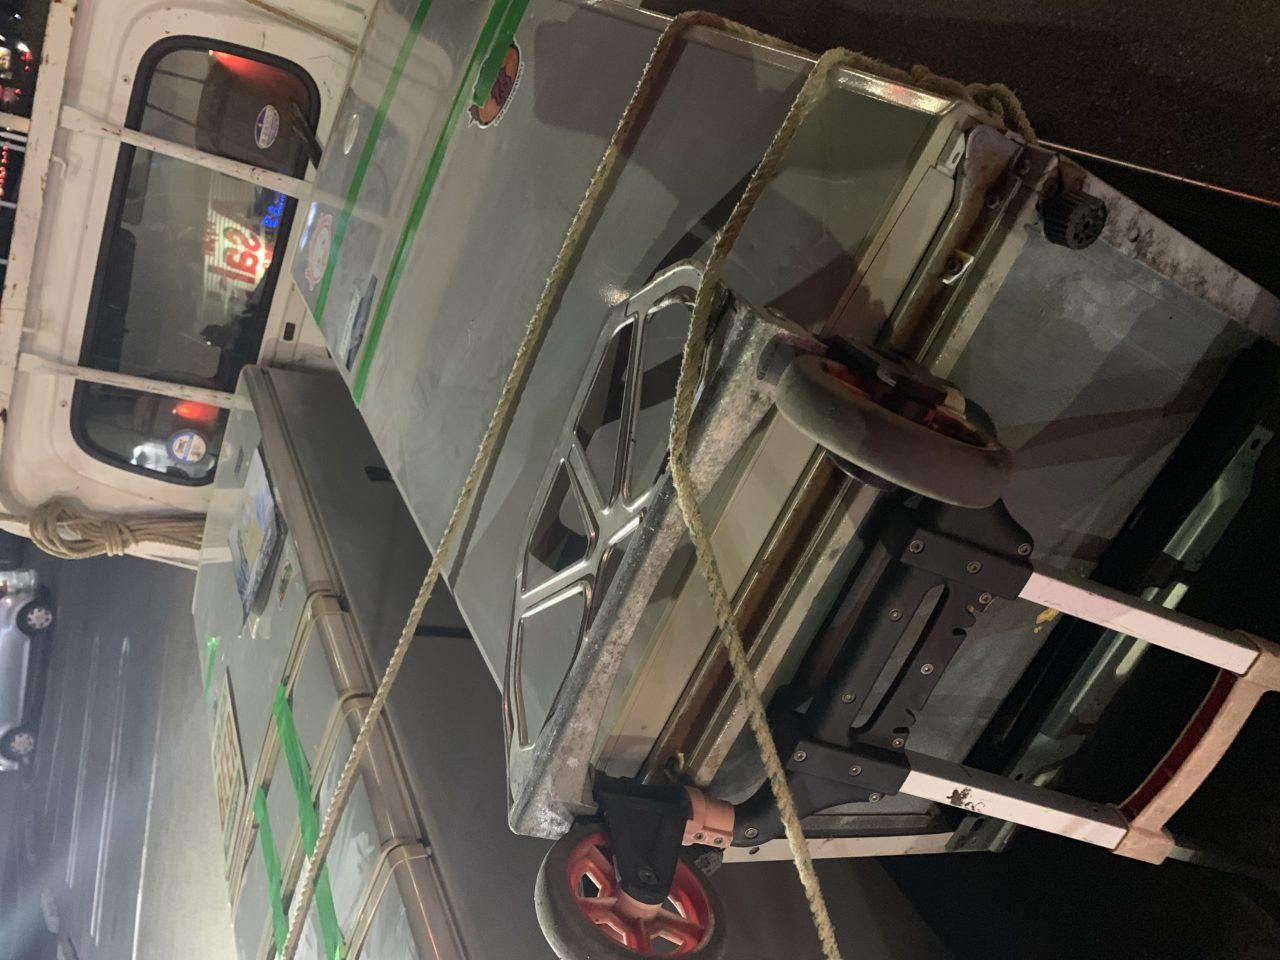 大阪府泉南市より家電4品目、リサイクル家電の運搬及び撤去のお手伝いをしてまいりました